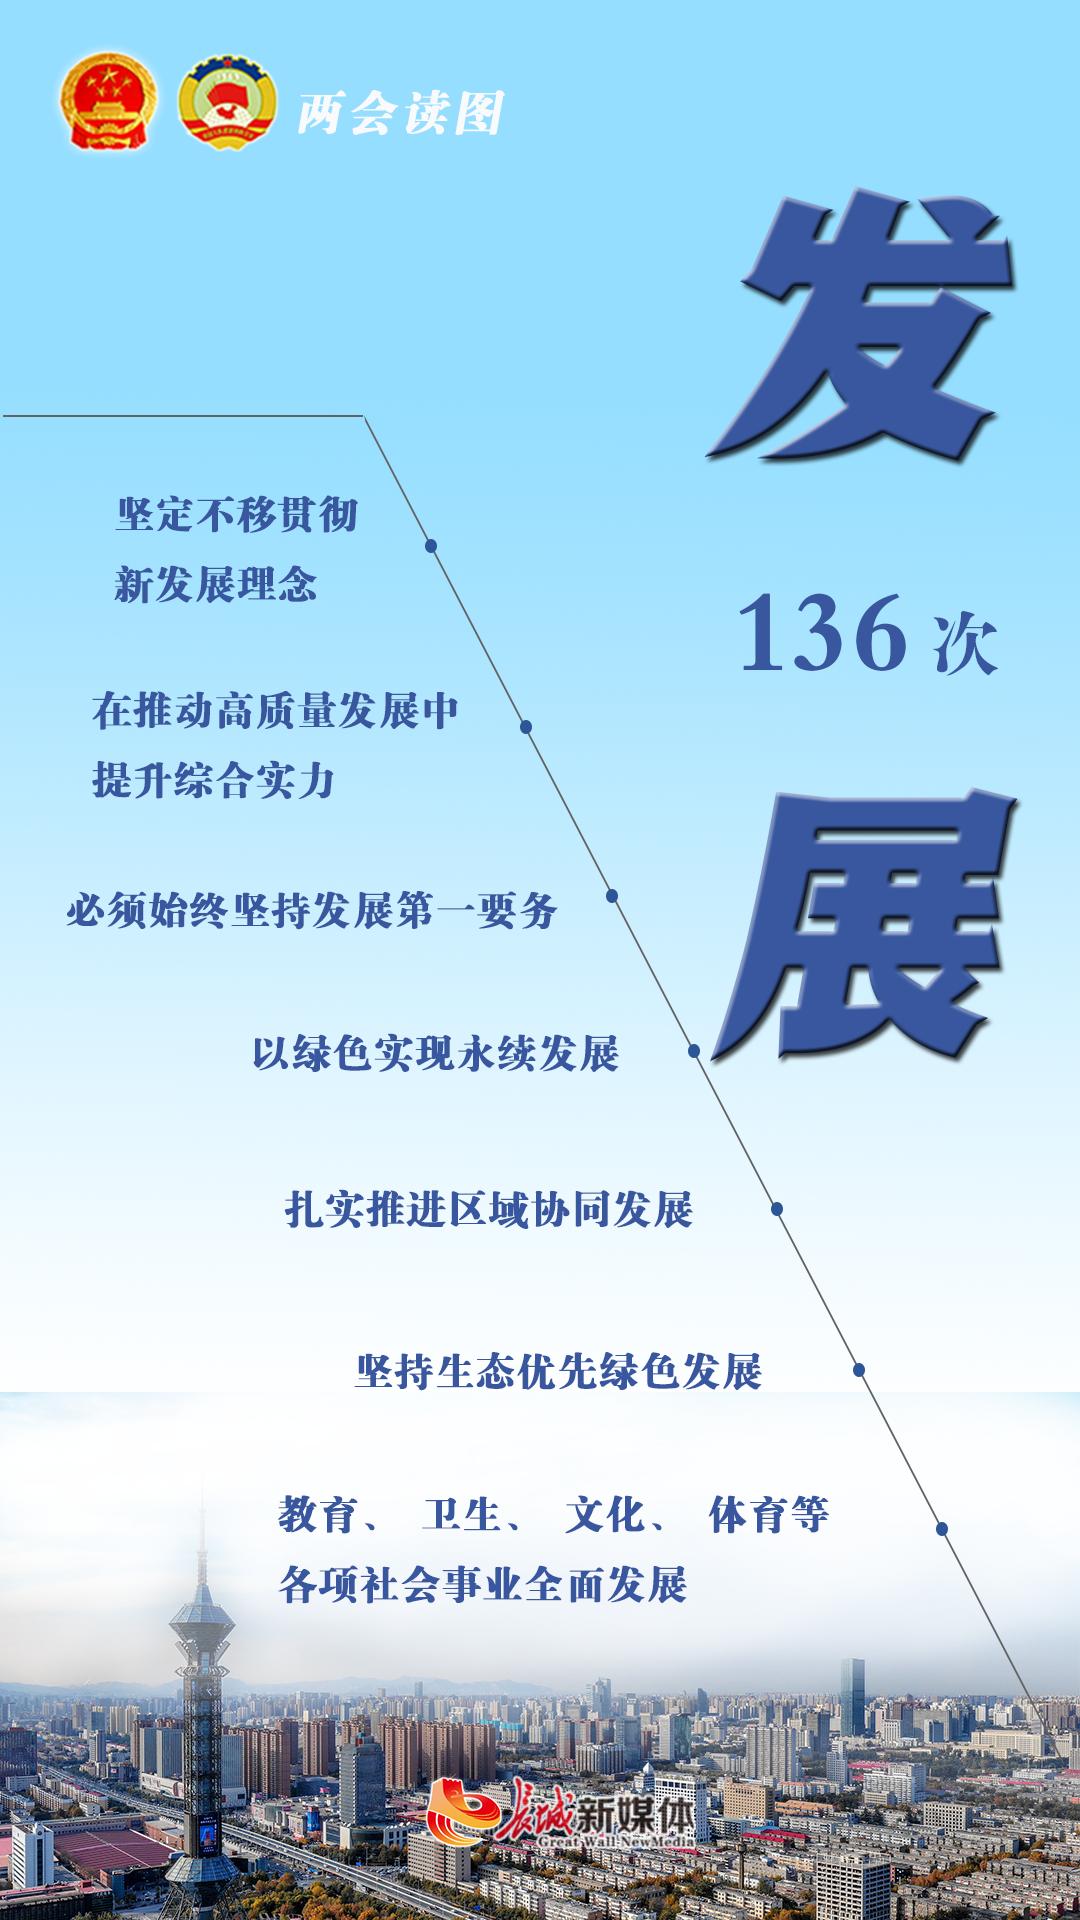 一組高頻詞看懂2021河北省政府工作報告